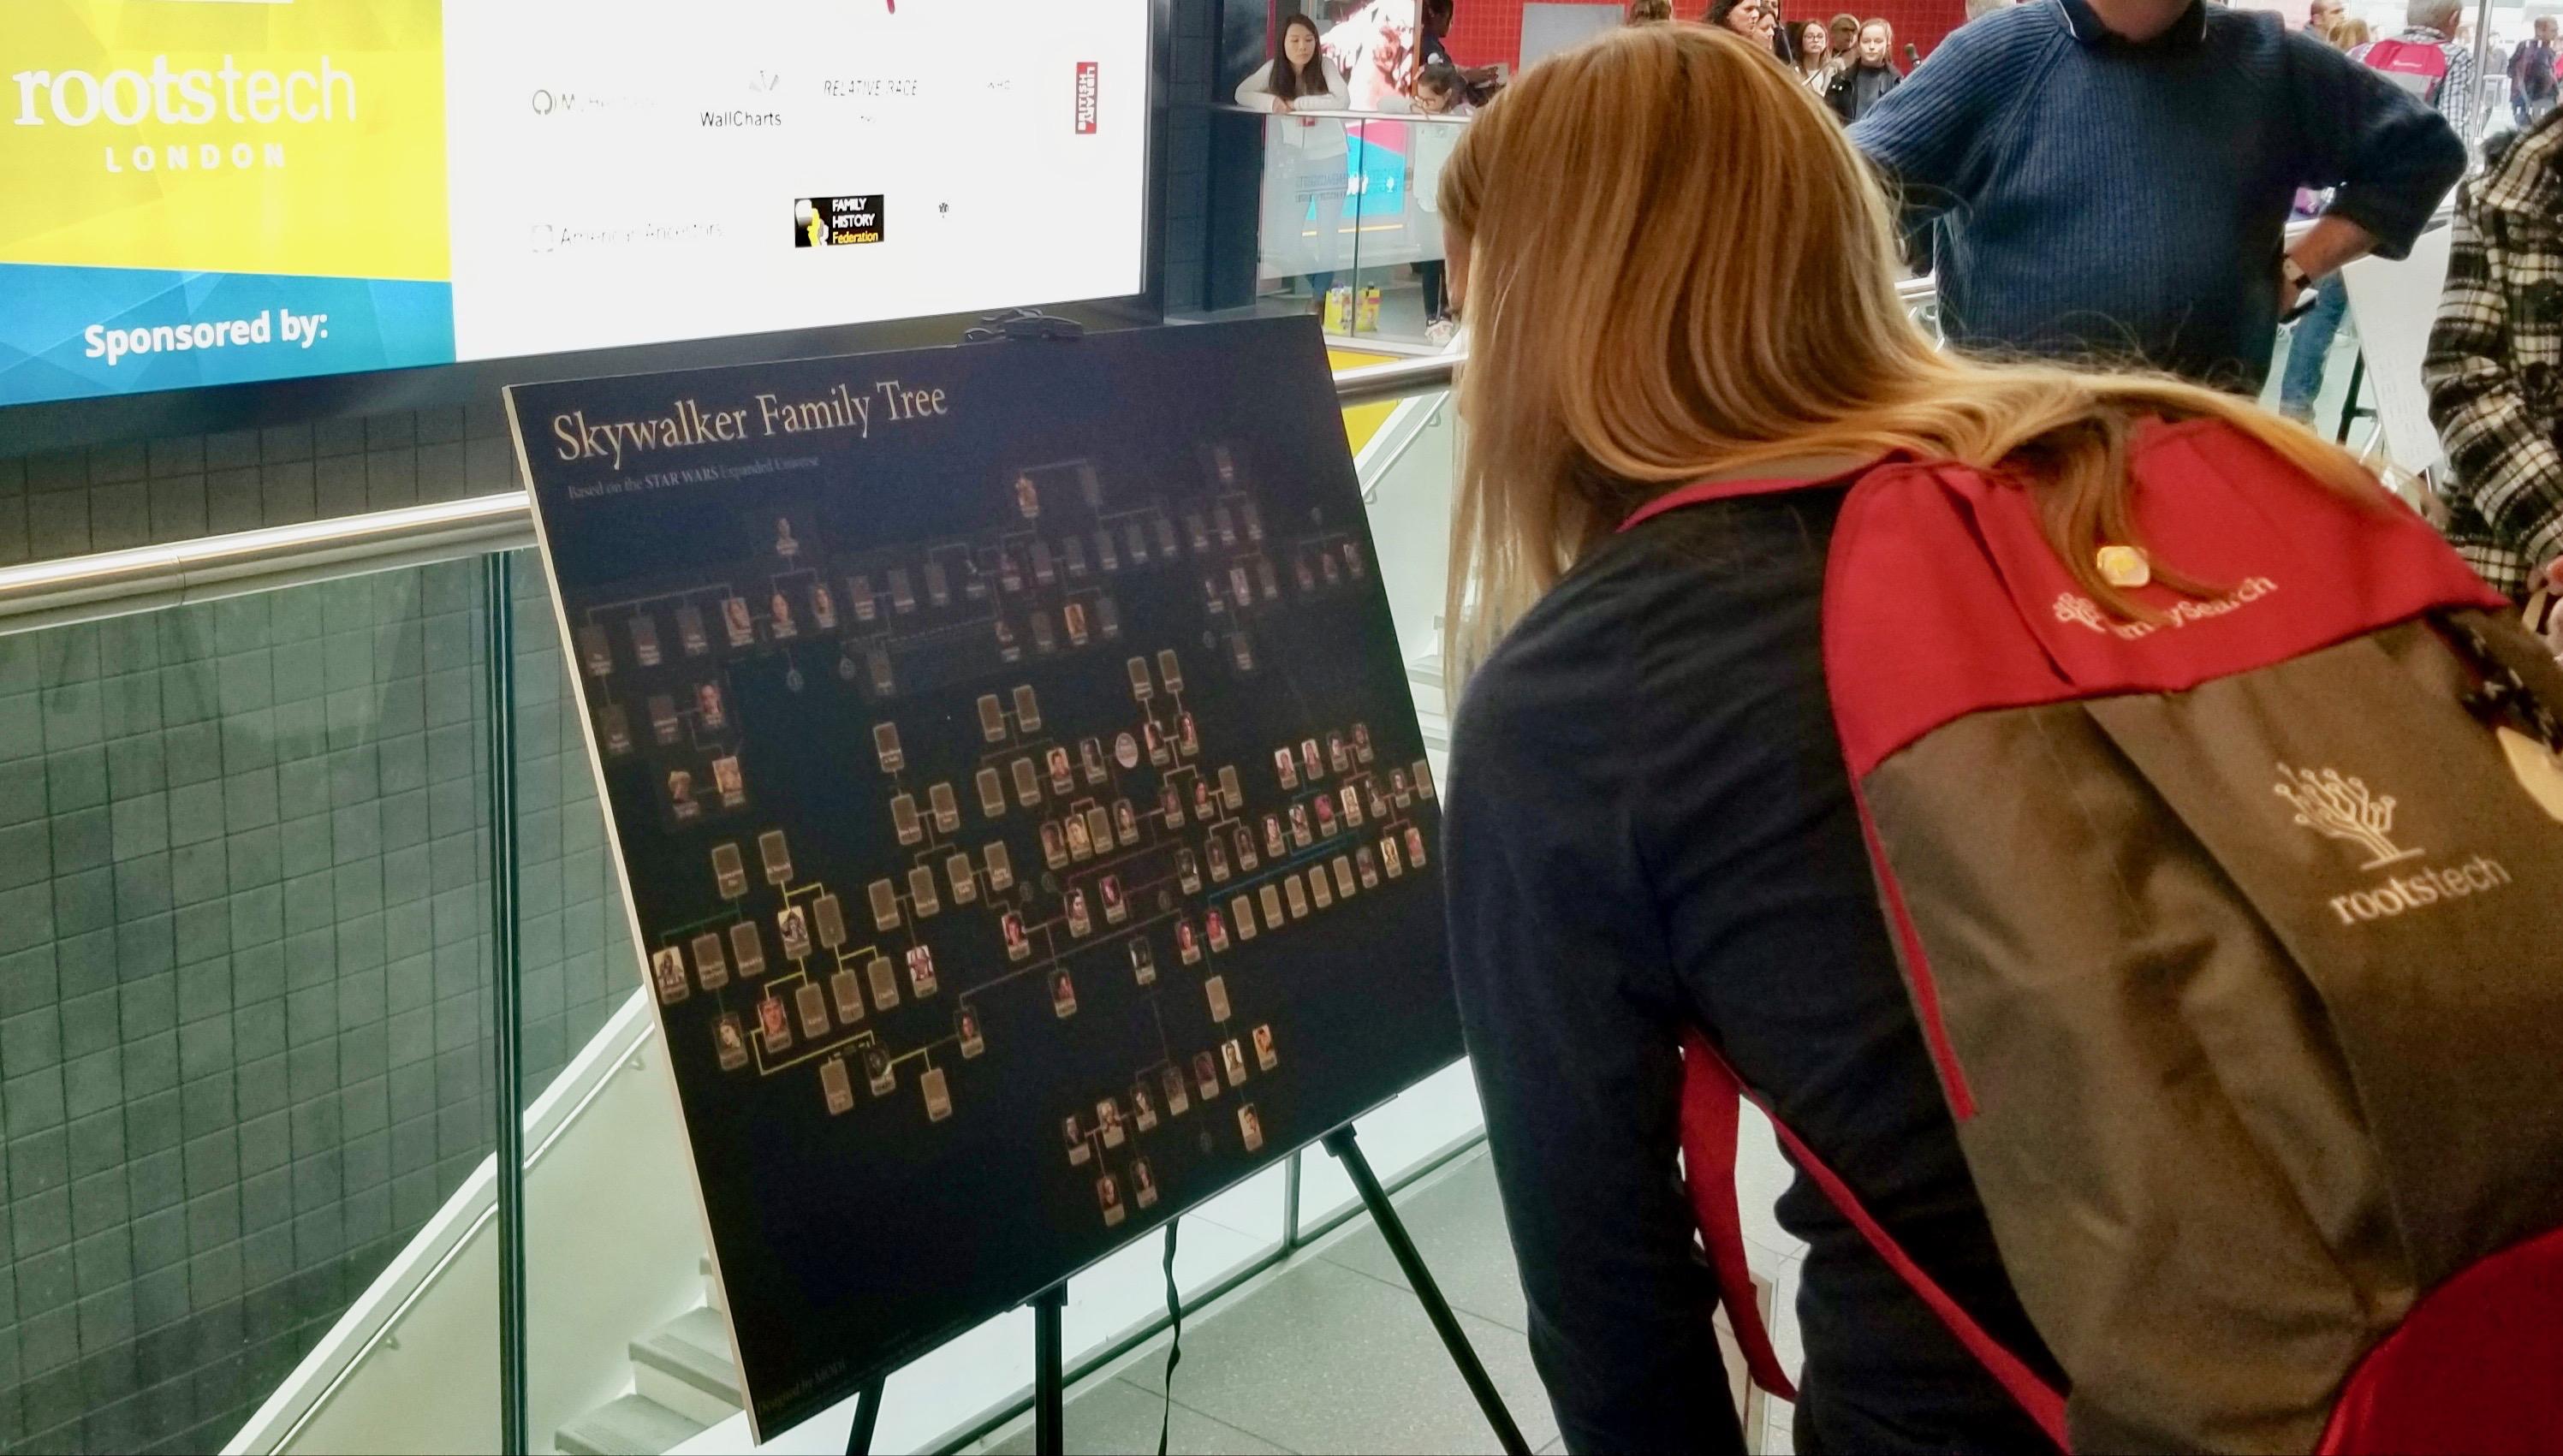 Un asistente al evento RootsTech Londres observa un cuadro genealógico de la familia de Luke Skywalker — un esfuerzo por obtener algo de atención y sonrisas por parte de los participantes de la Comic Con vecina en el London ExCel, el 26 de octubre de 2019.